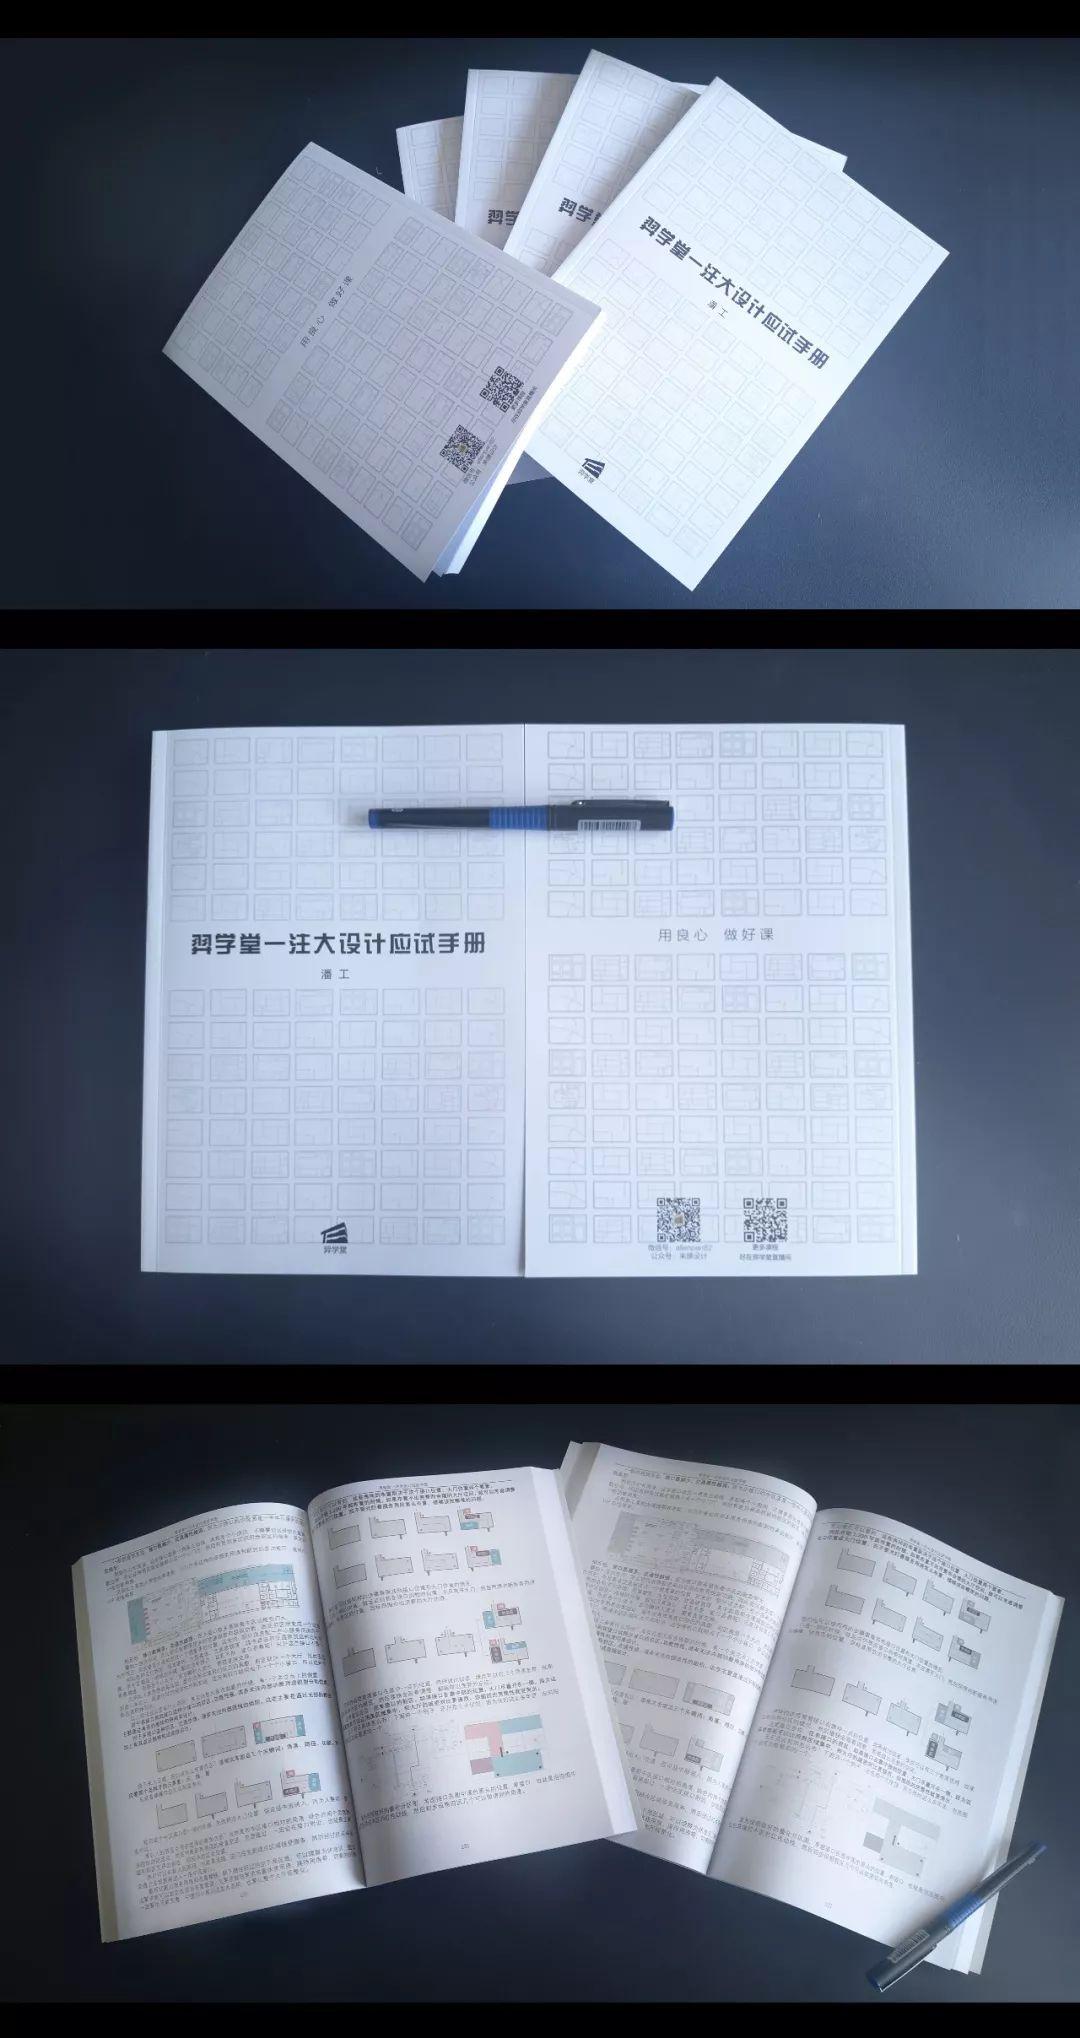 双11,方案设计课仅需1元,全彩大设计应试手册仅需138元,还有...